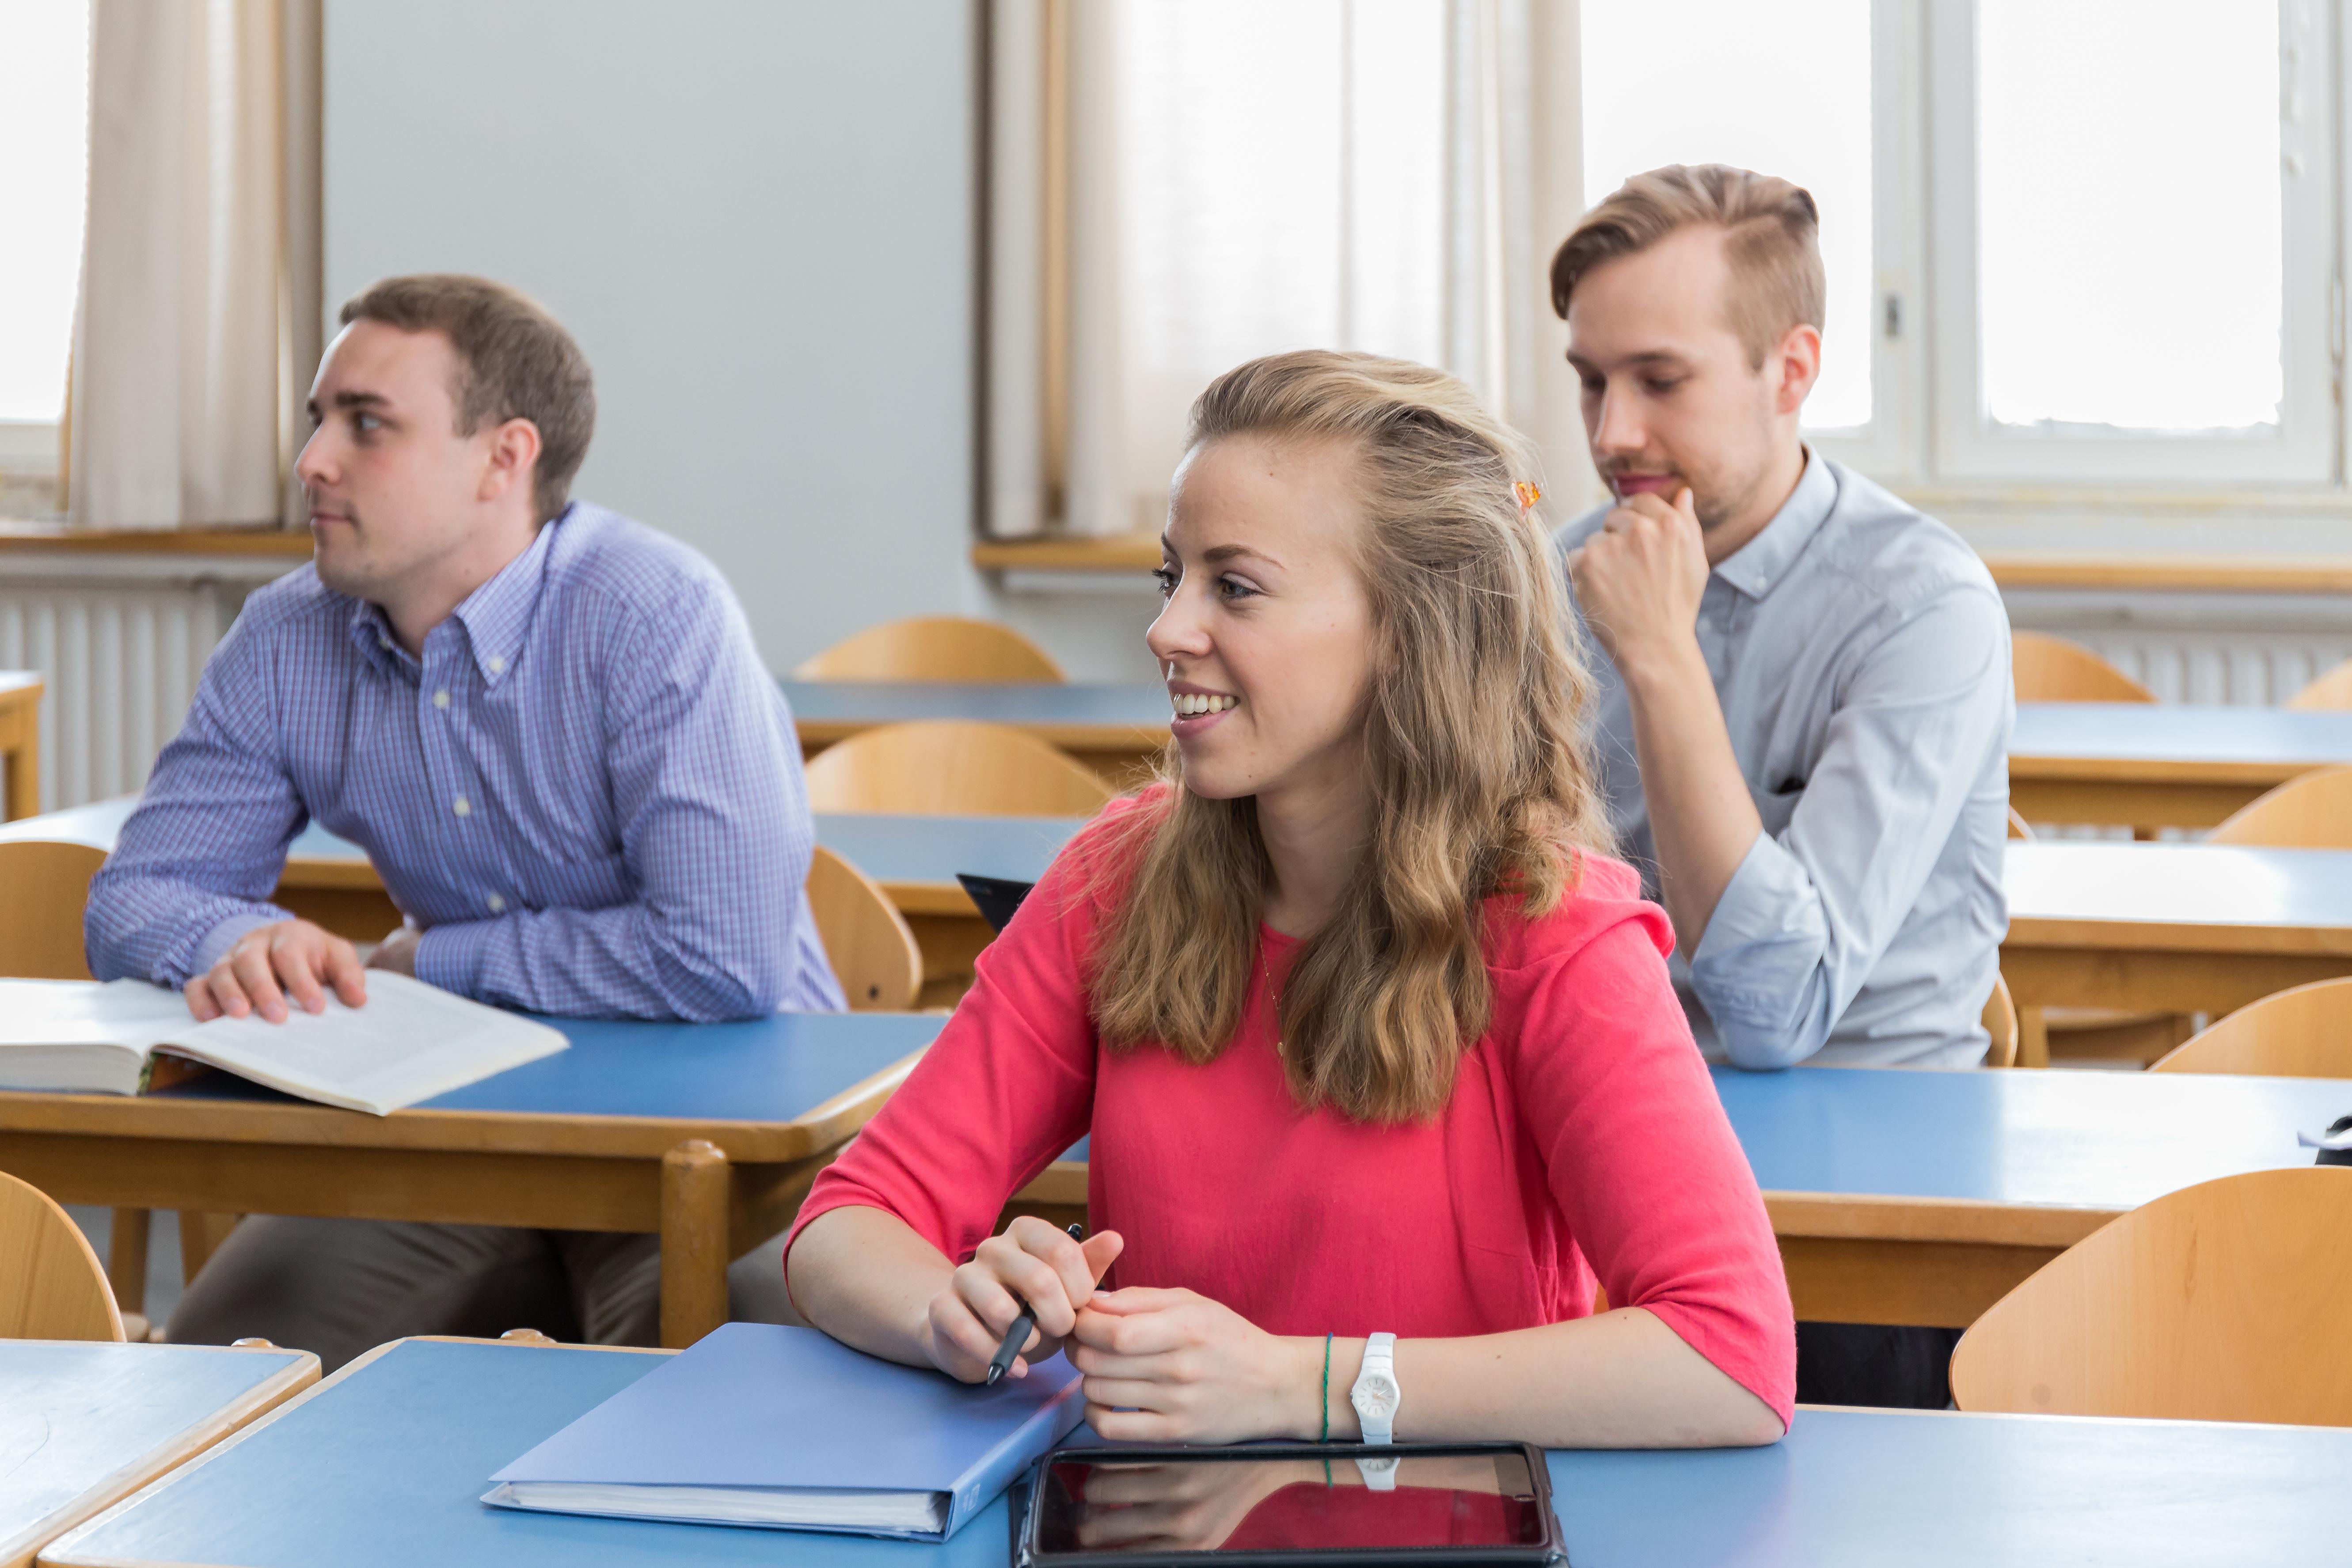 Студенты в Hanken School of Economics